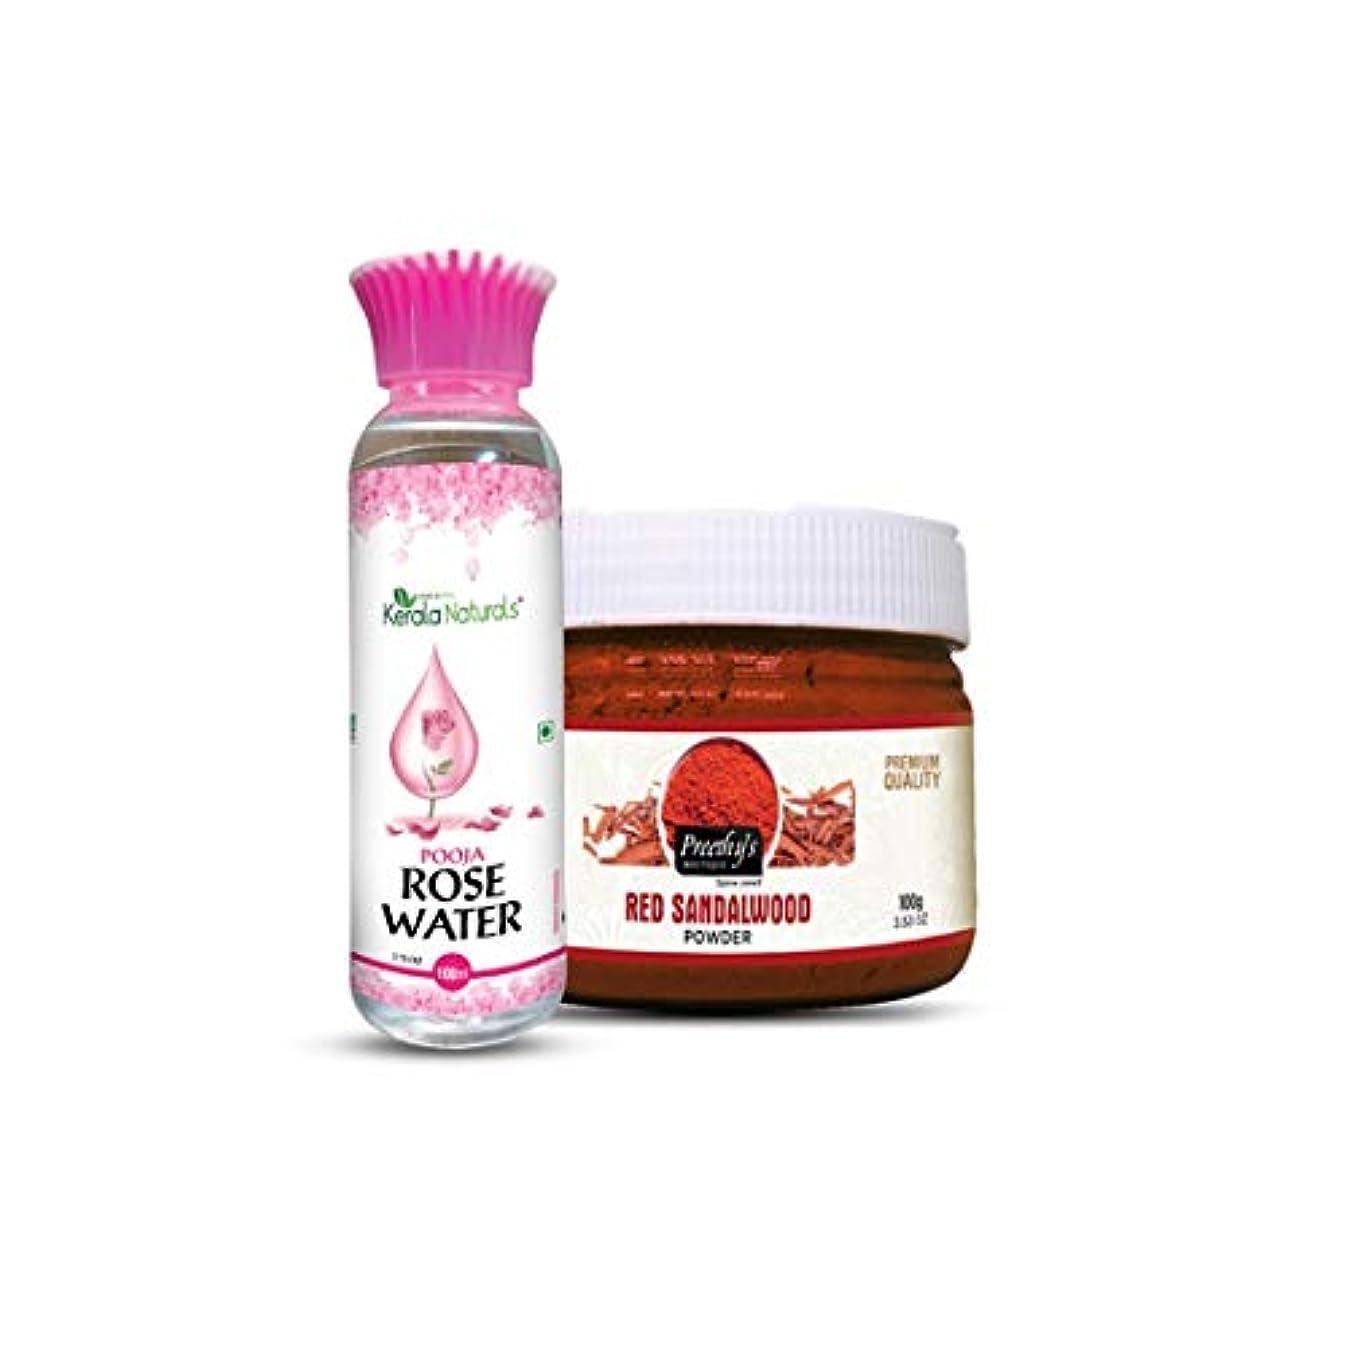 ミシン先行するテーブルCombo of Red sandalwood powder 100gm+ Rose water 100ml - Enhancing the beauty of the Skin - 赤白檀パウダー100gm +ローズウォーター...